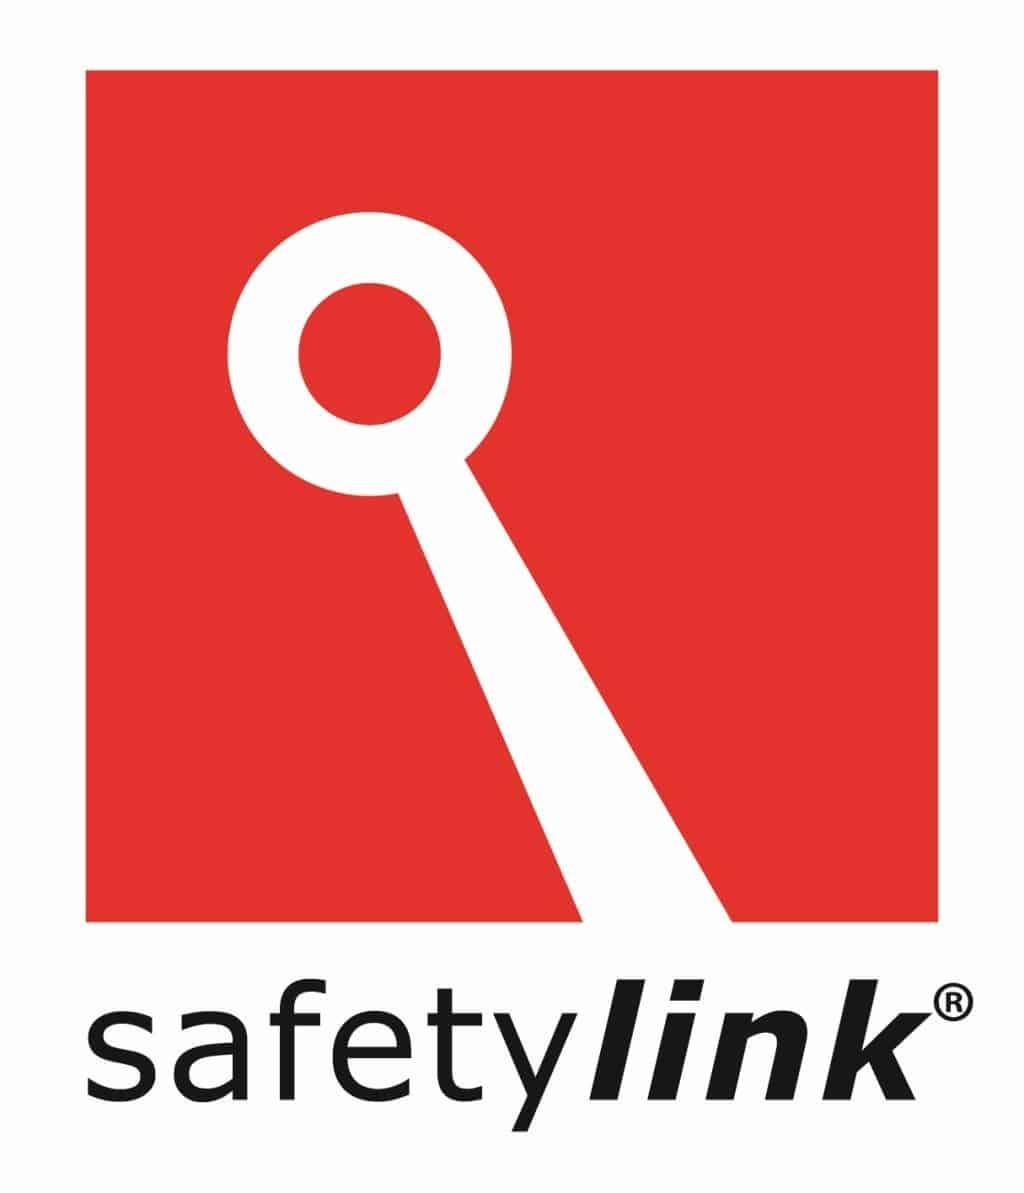 2016-12-15-SafetyLink-Logo-1